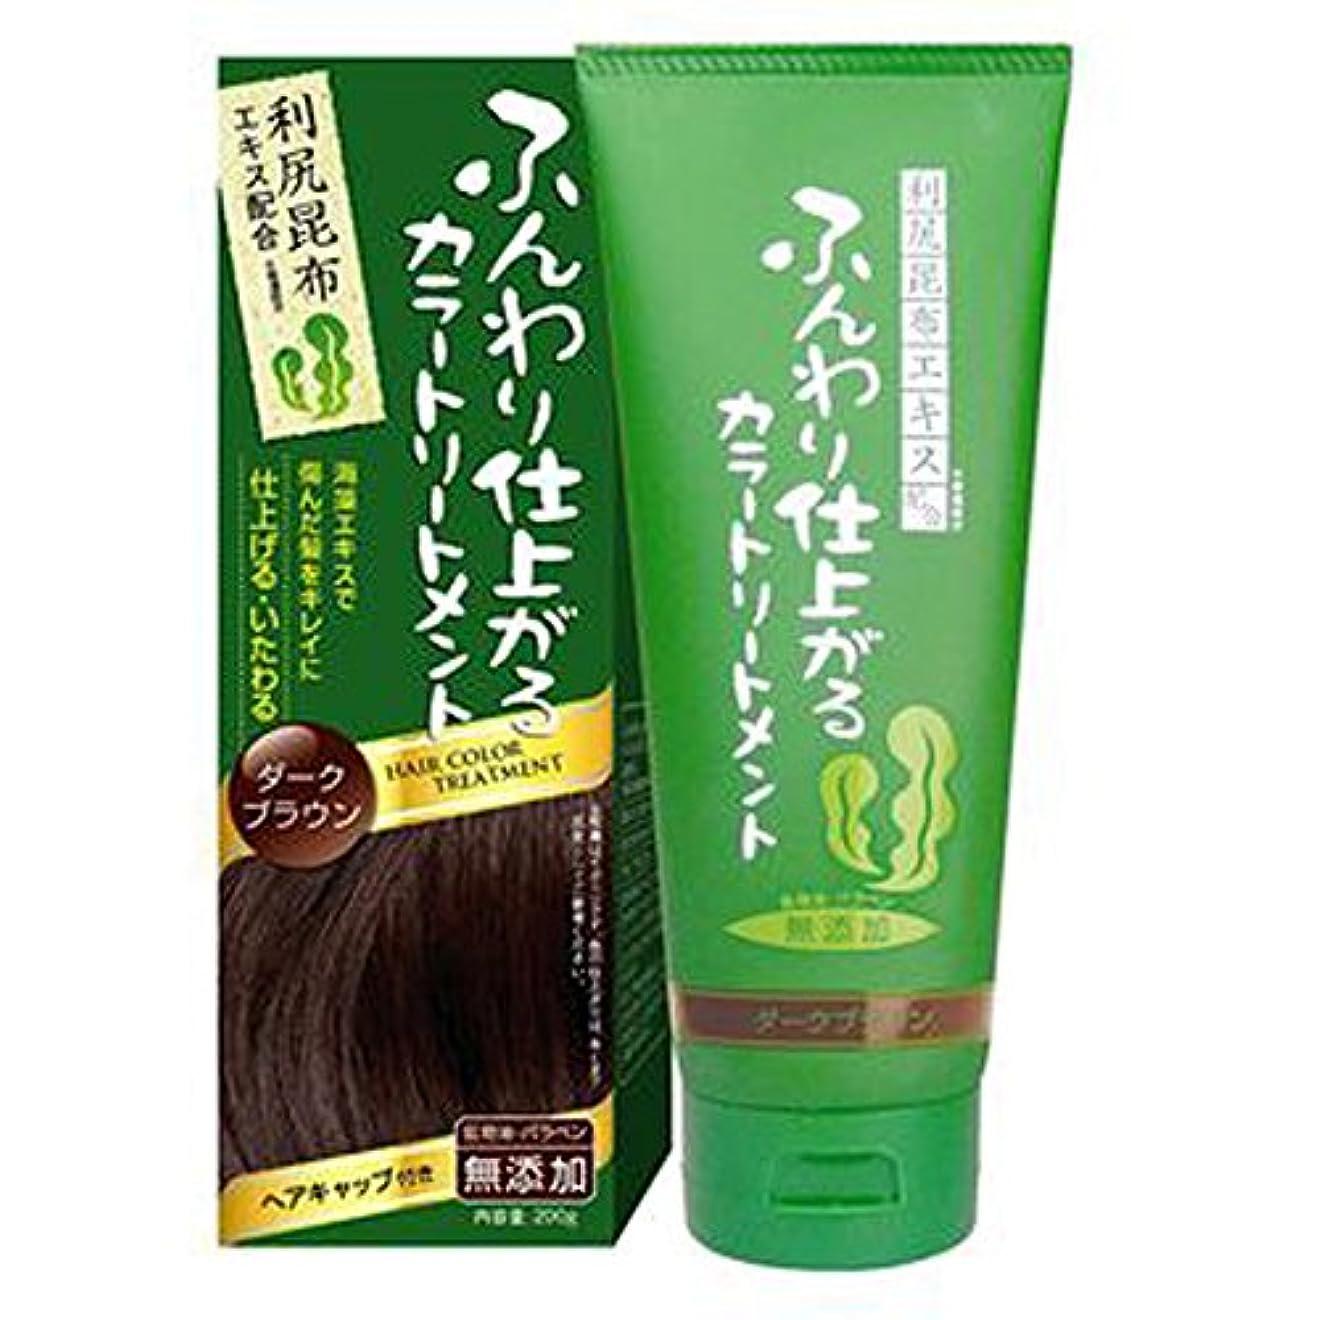 外国人禁輸後方にふんわり仕上がるカラートリートメント 白髪 染め 保湿 利尻昆布エキス配合 ヘアカラー (200g ダークブラウン) rishiri-haircolor-200g-dbr